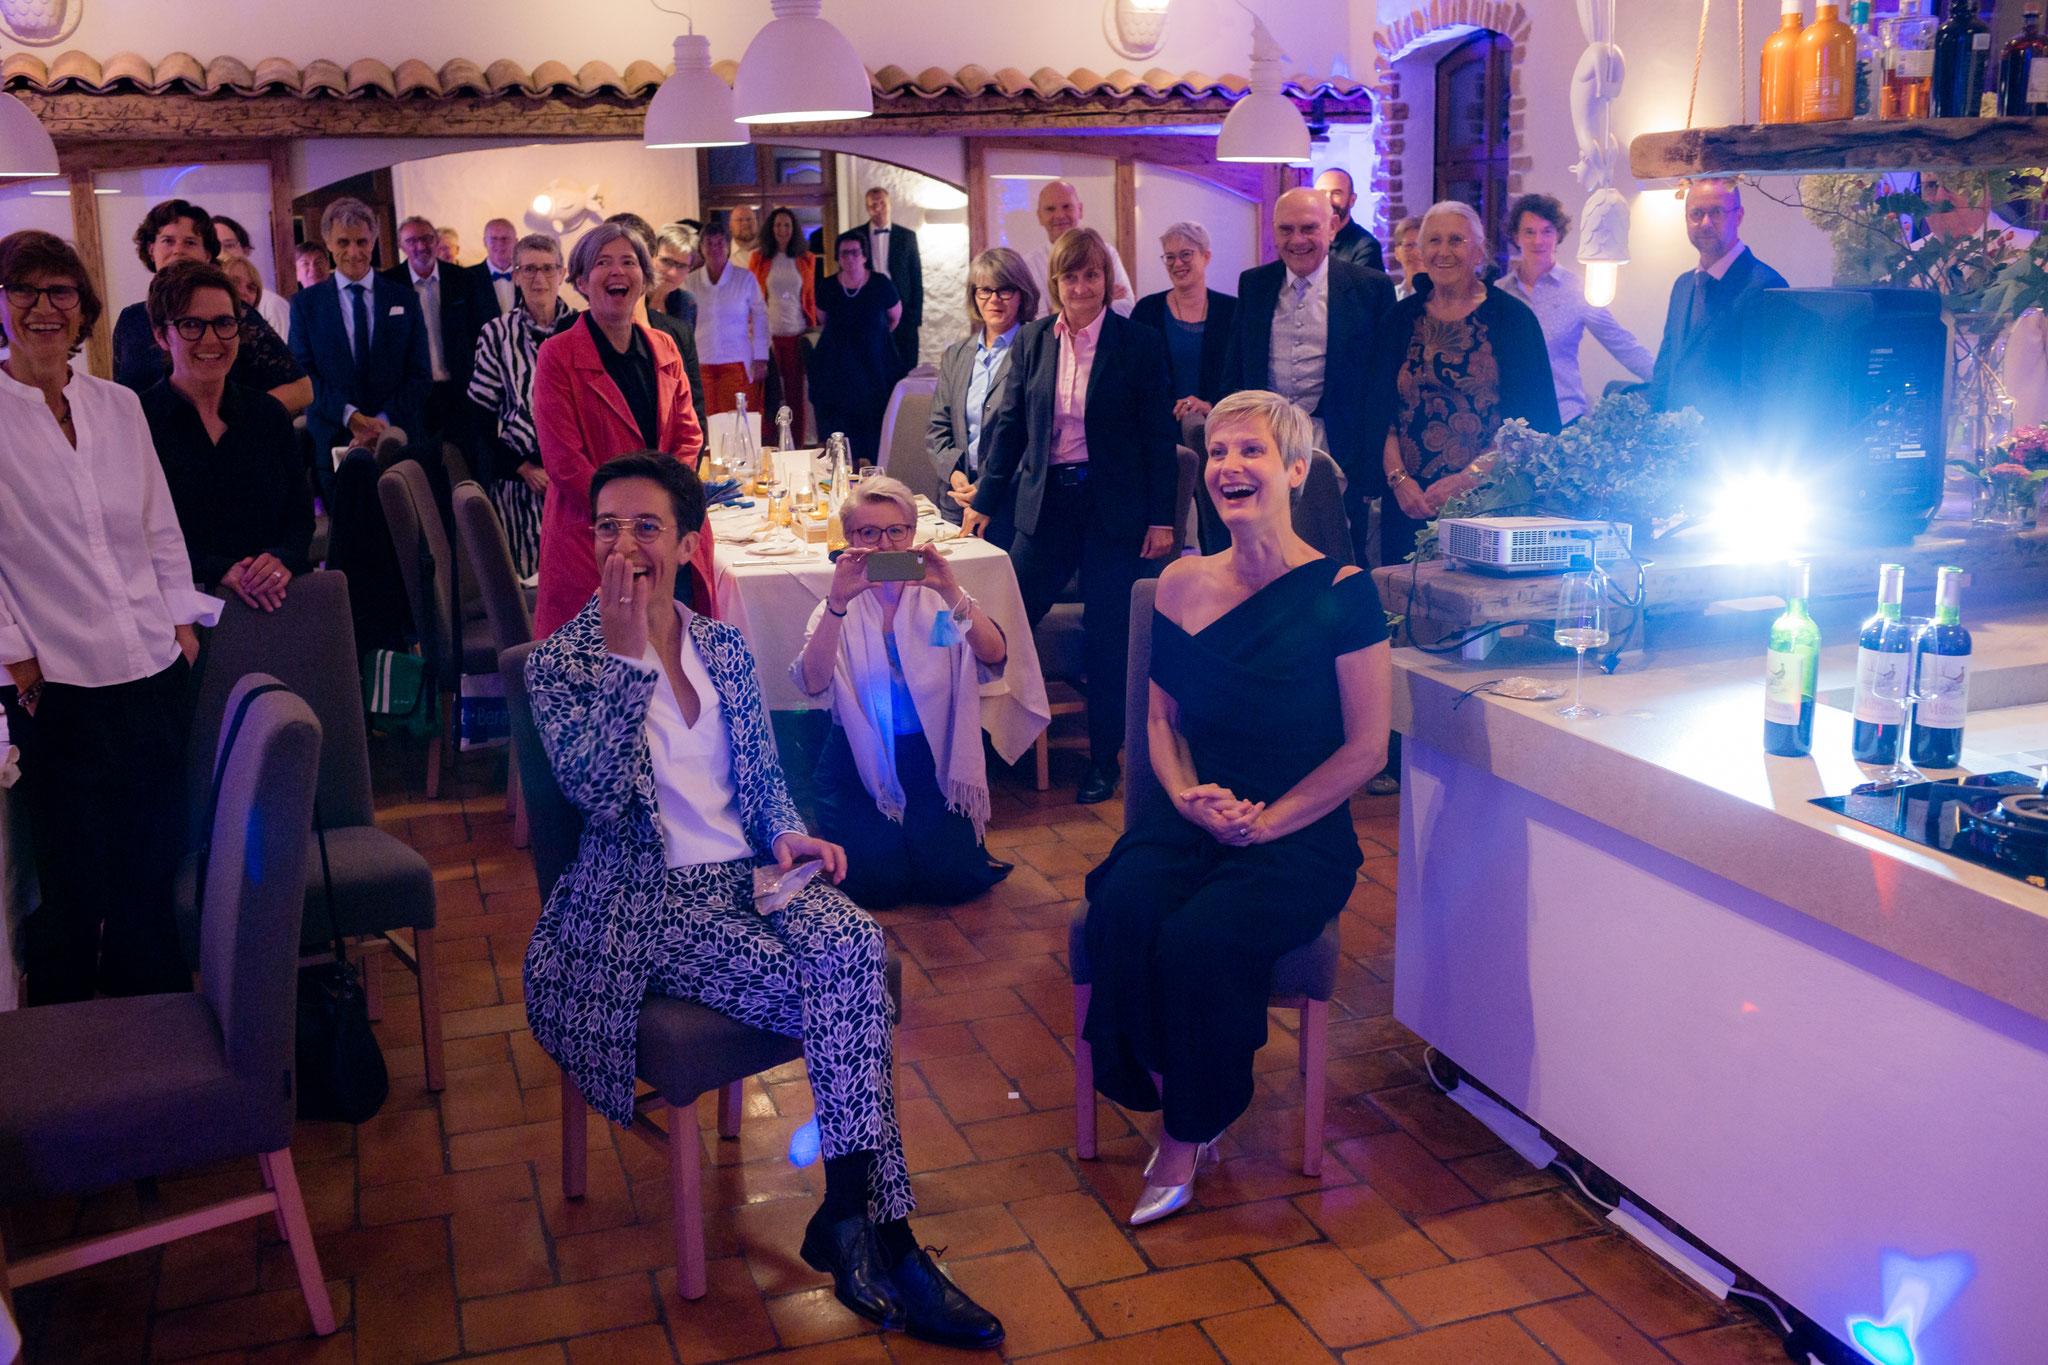 Hochzeitsfeier in Wiesbaden